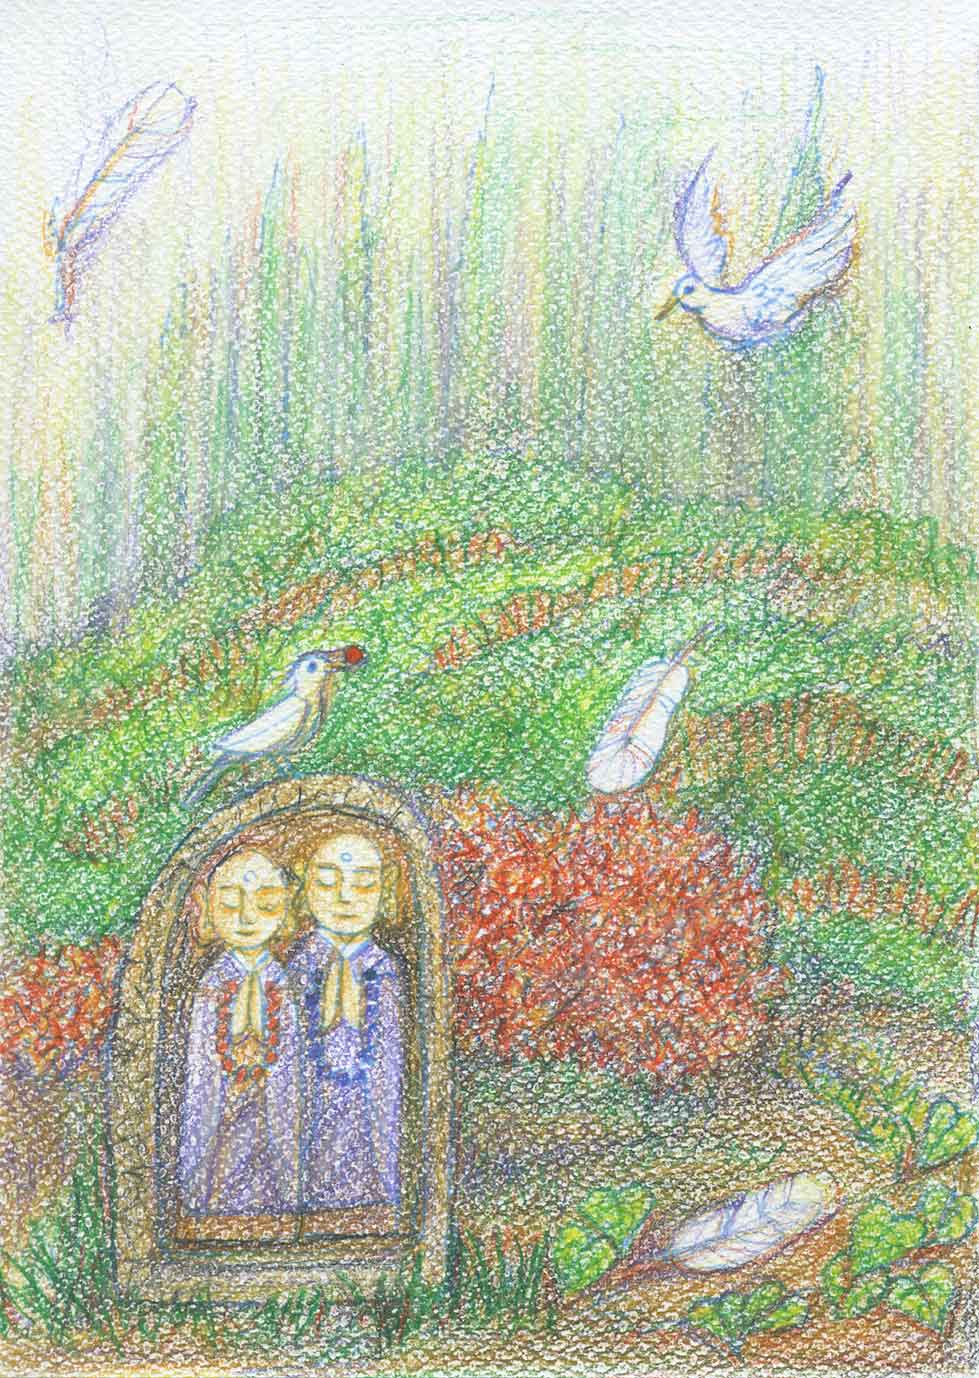 宇宙描吾子のぬり絵作品です。「豊受けのぬり絵」